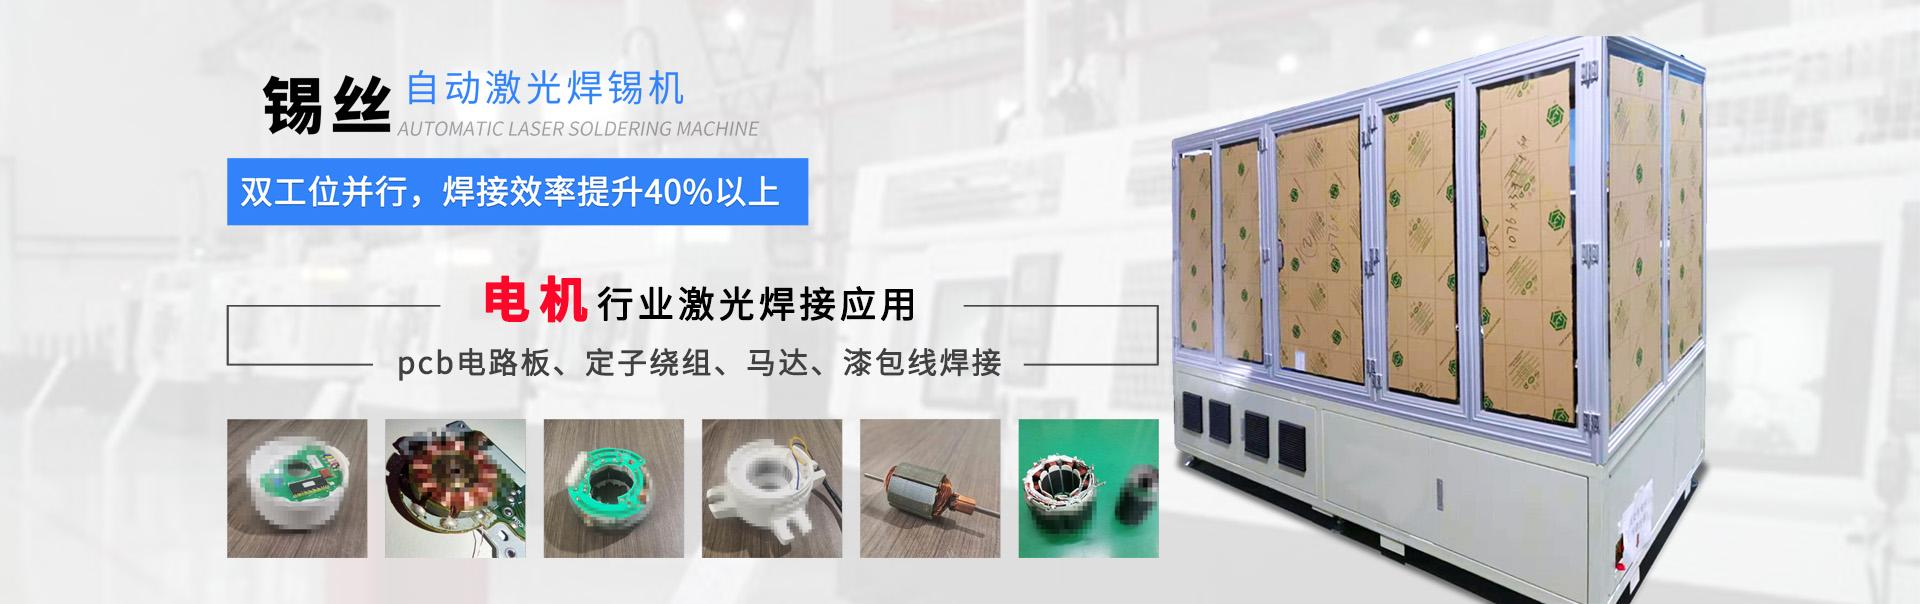 电机激光焊接设备